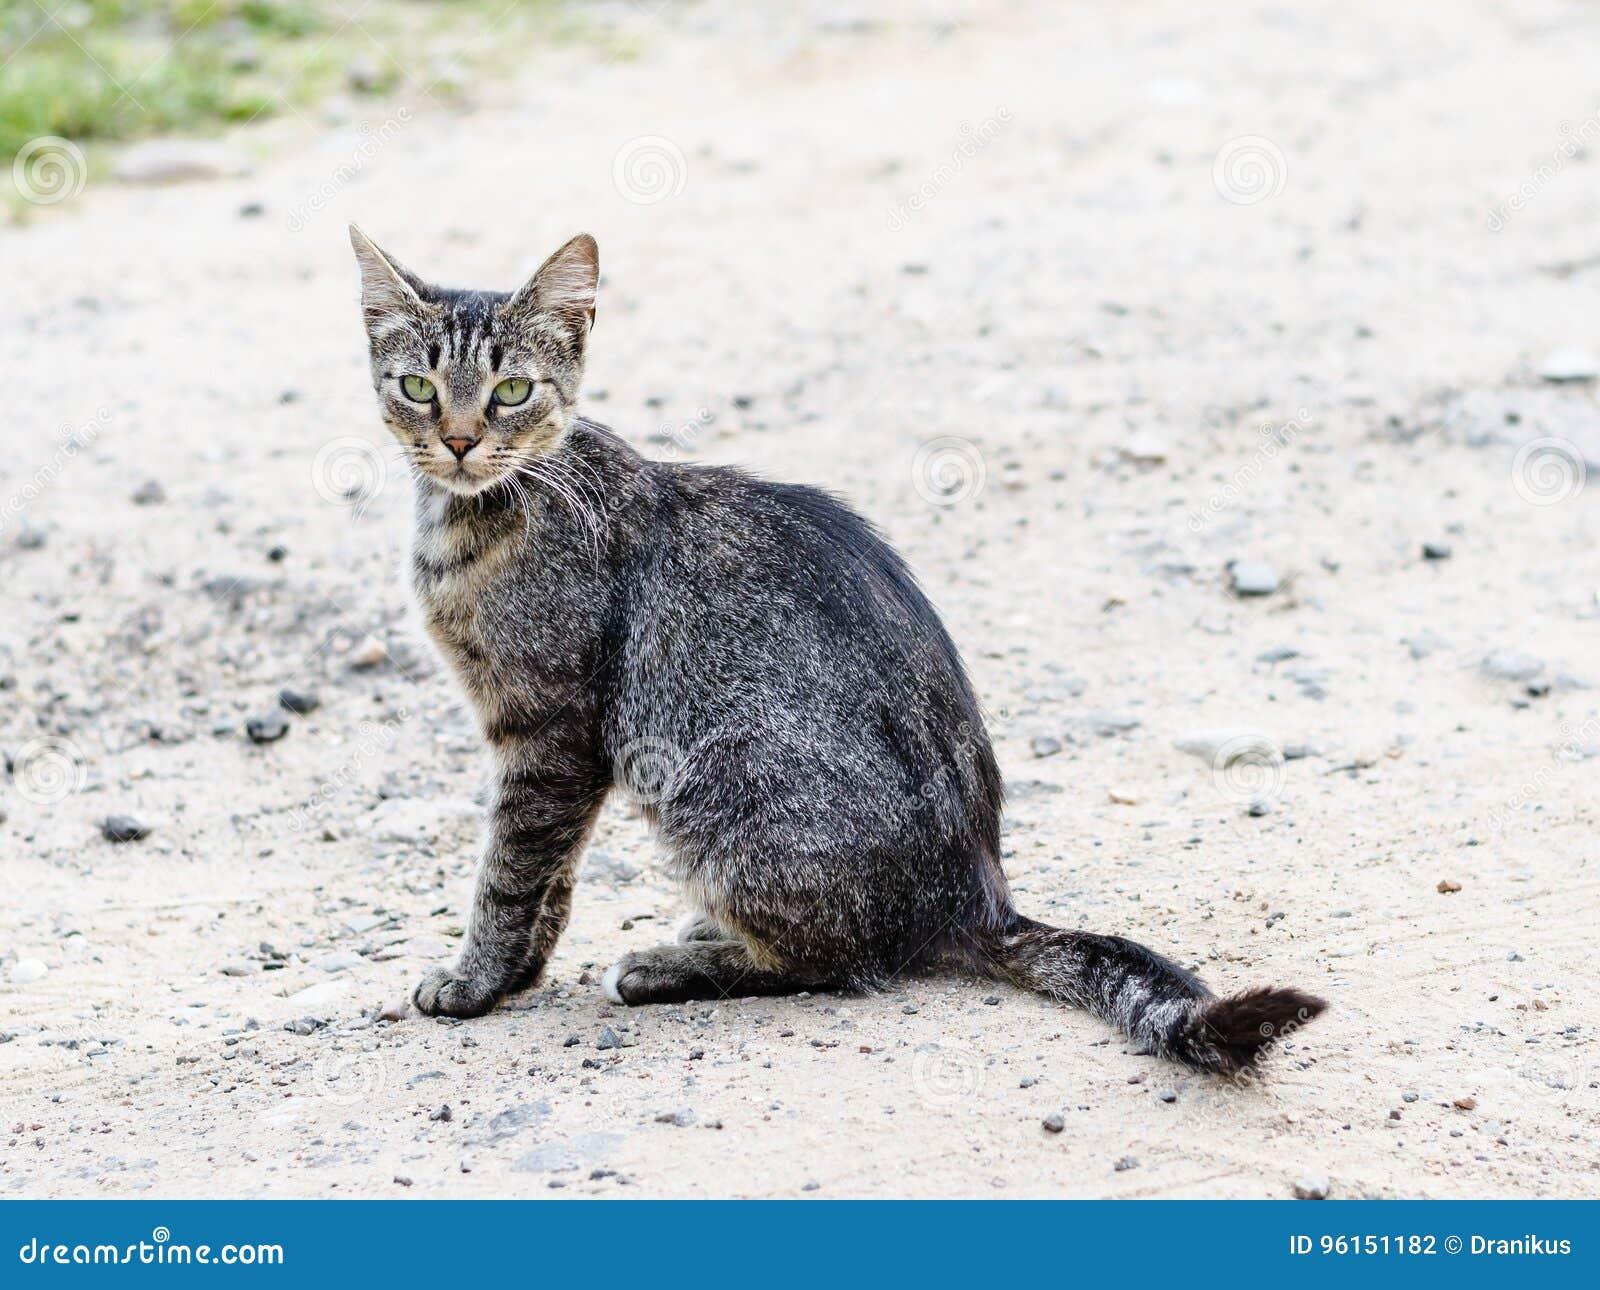 3692e8771c2f Μια γκρίζα γάτα με την όμορφη τρίχα και τα ευφυή μάτια Στοκ Εικόνες ...